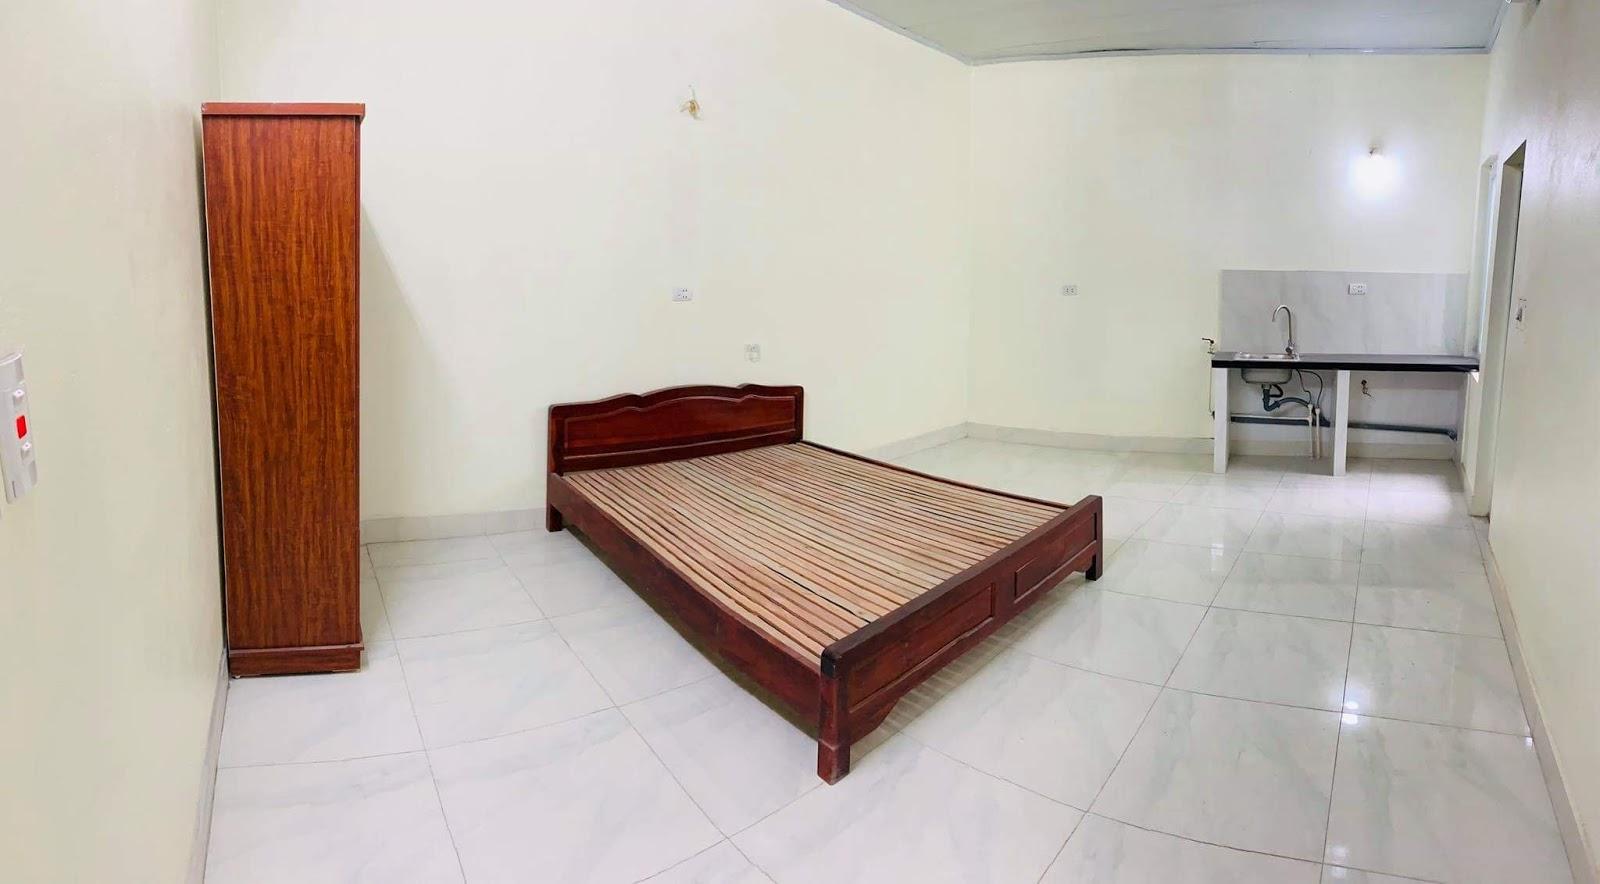 Phòng trọ khép kín khu cầu giấy có kệ bếp giường tủ